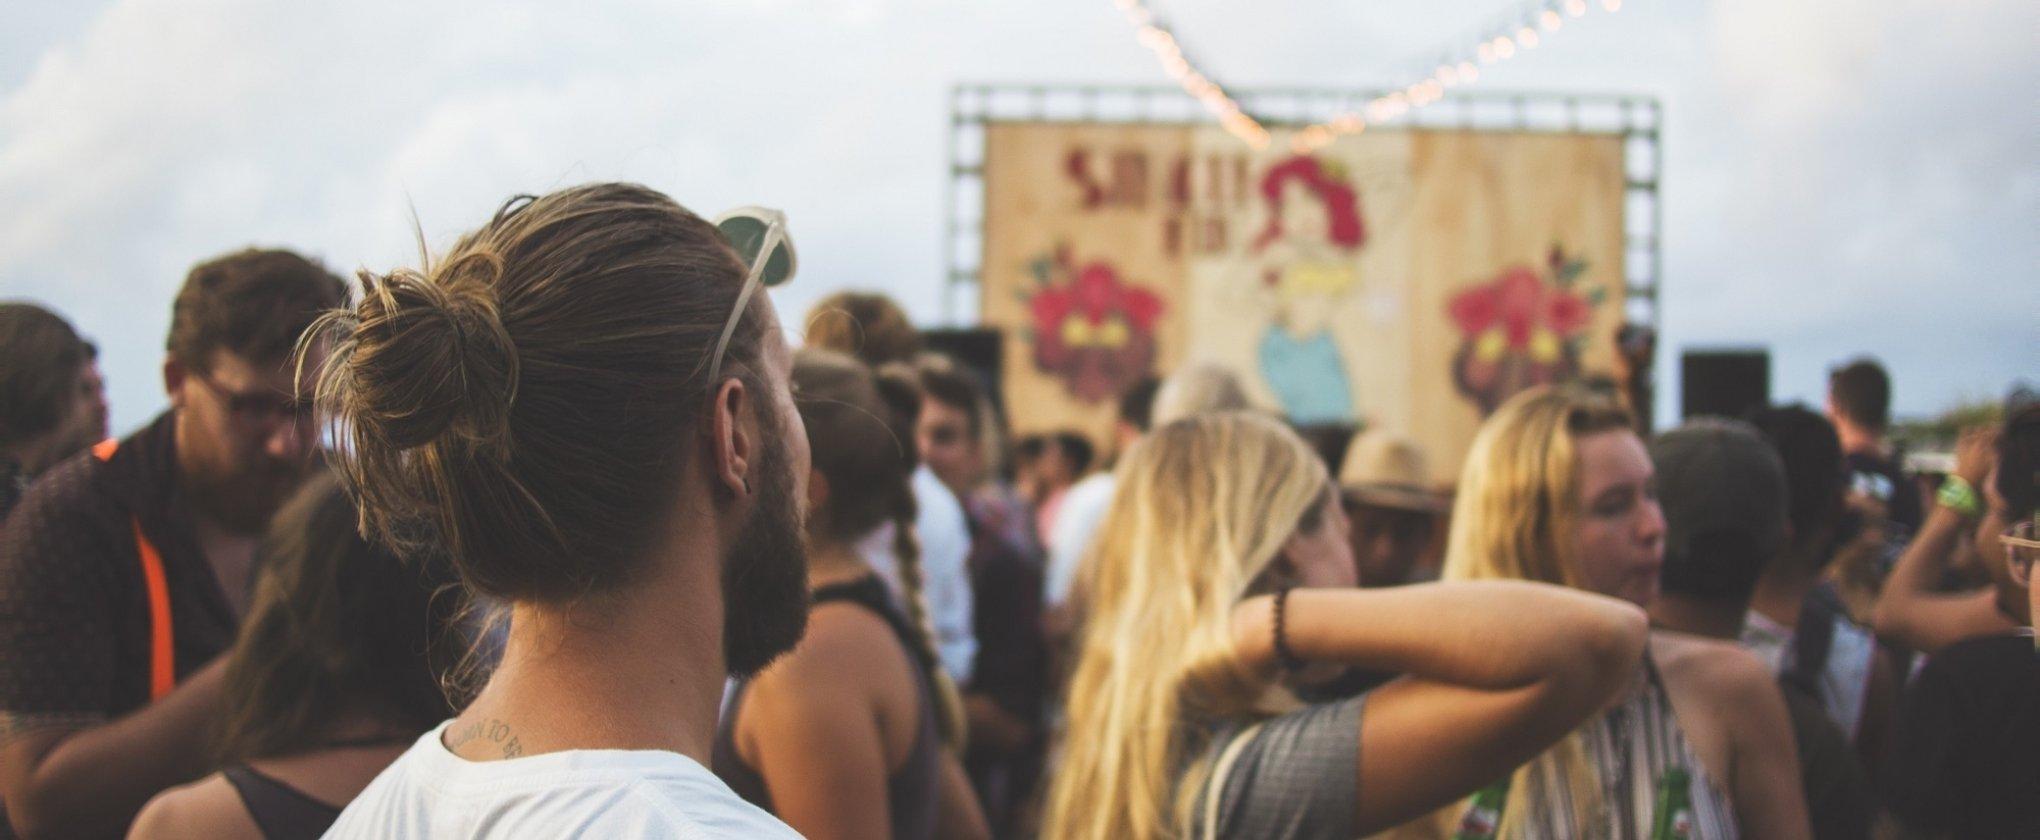 UK Festivals: Stats, Sustainability & SMEs